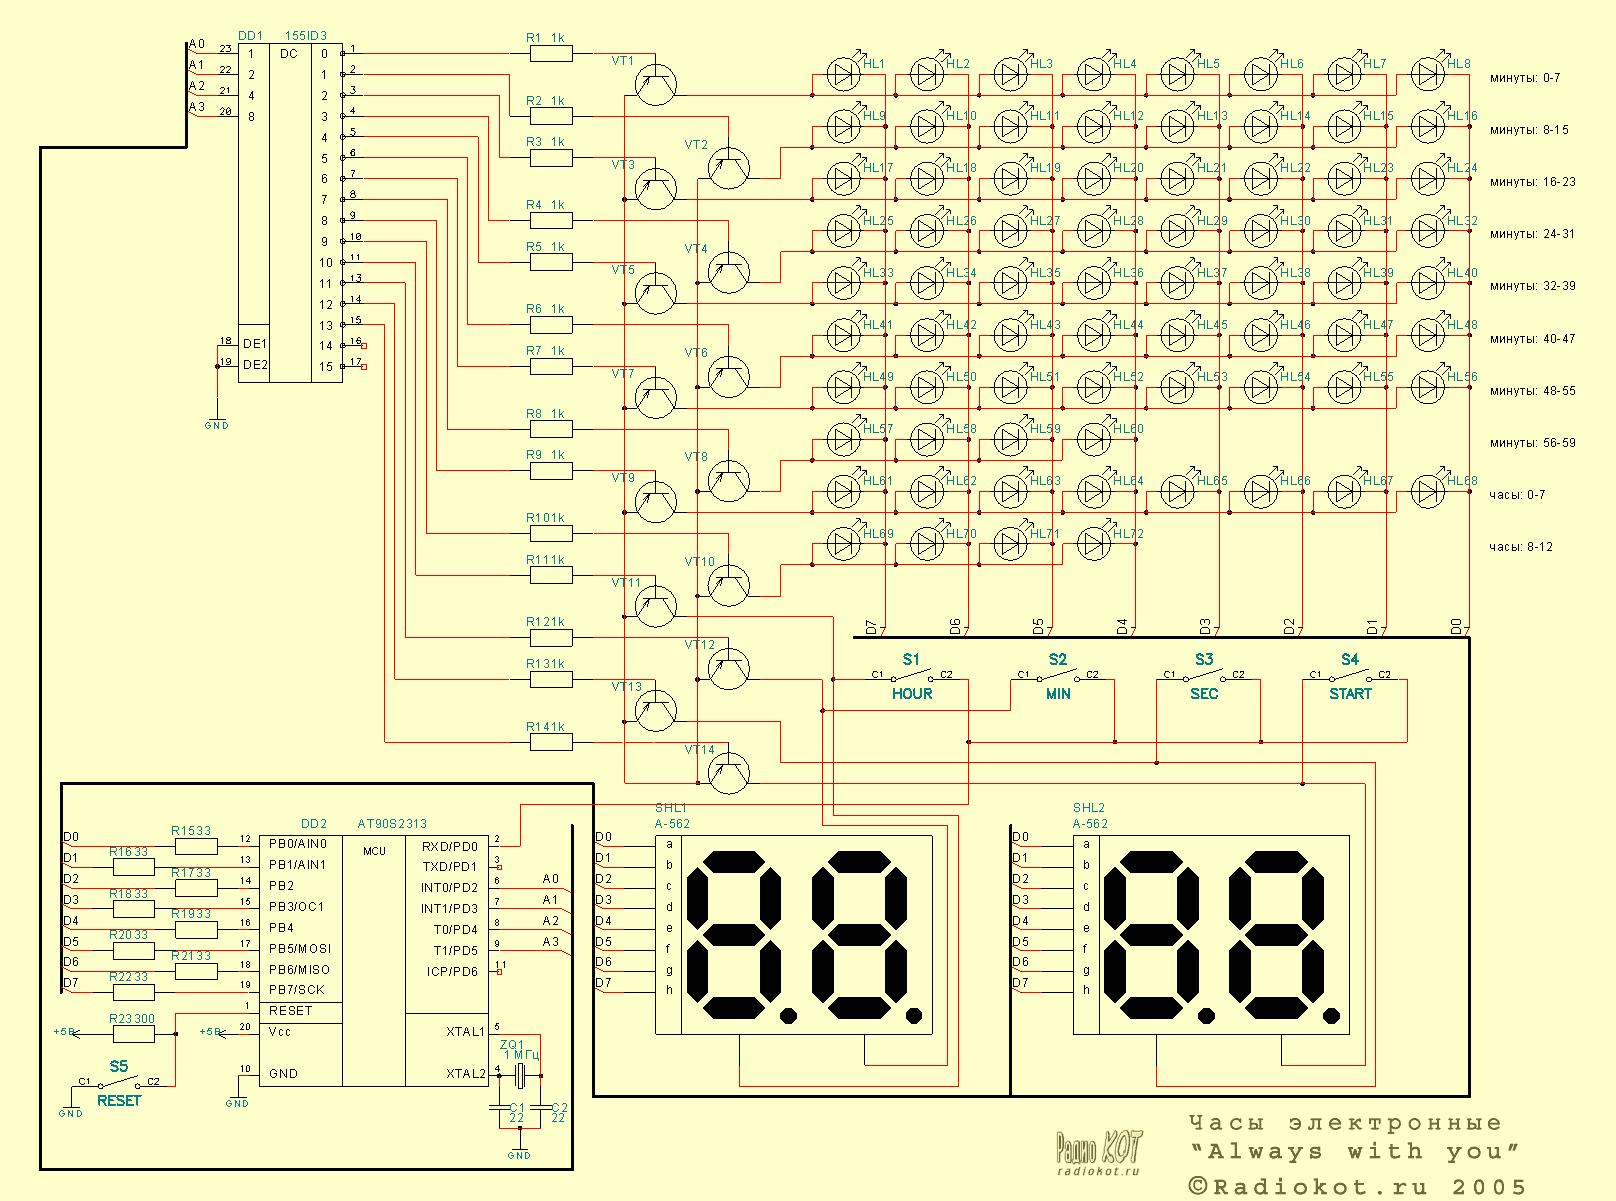 схема часов на микроконтроллере для больших индикаторов